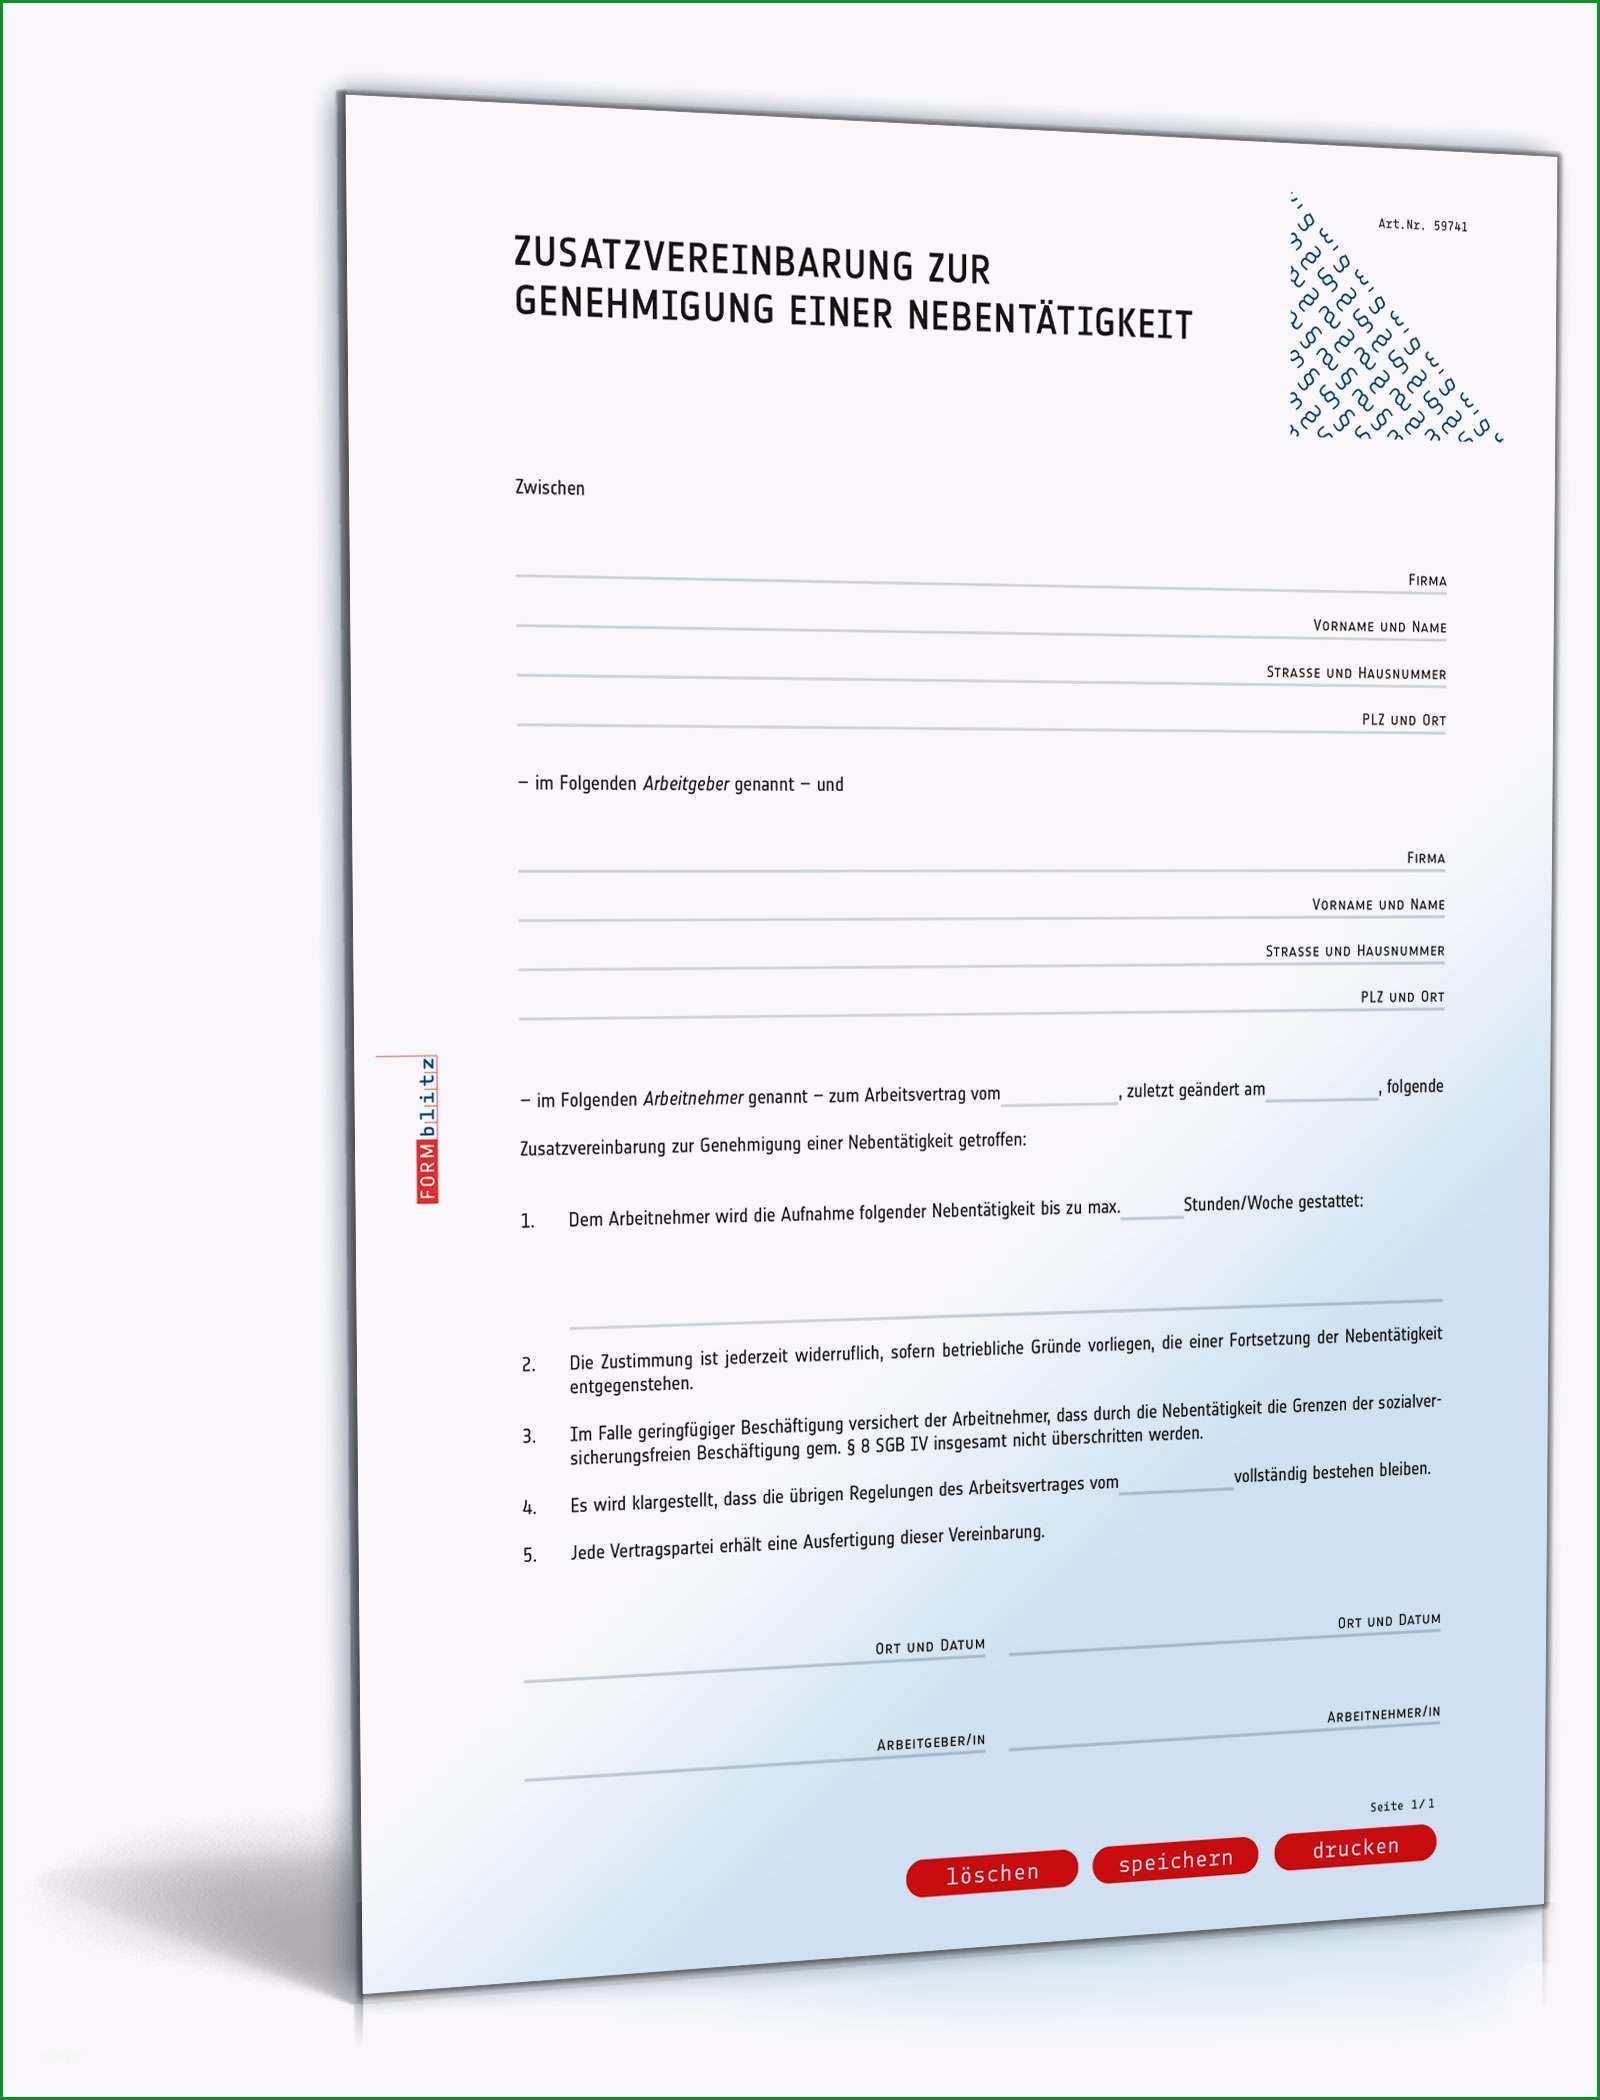 zusatzvereinbarung zur genehmigung einer nebentaetigkeit